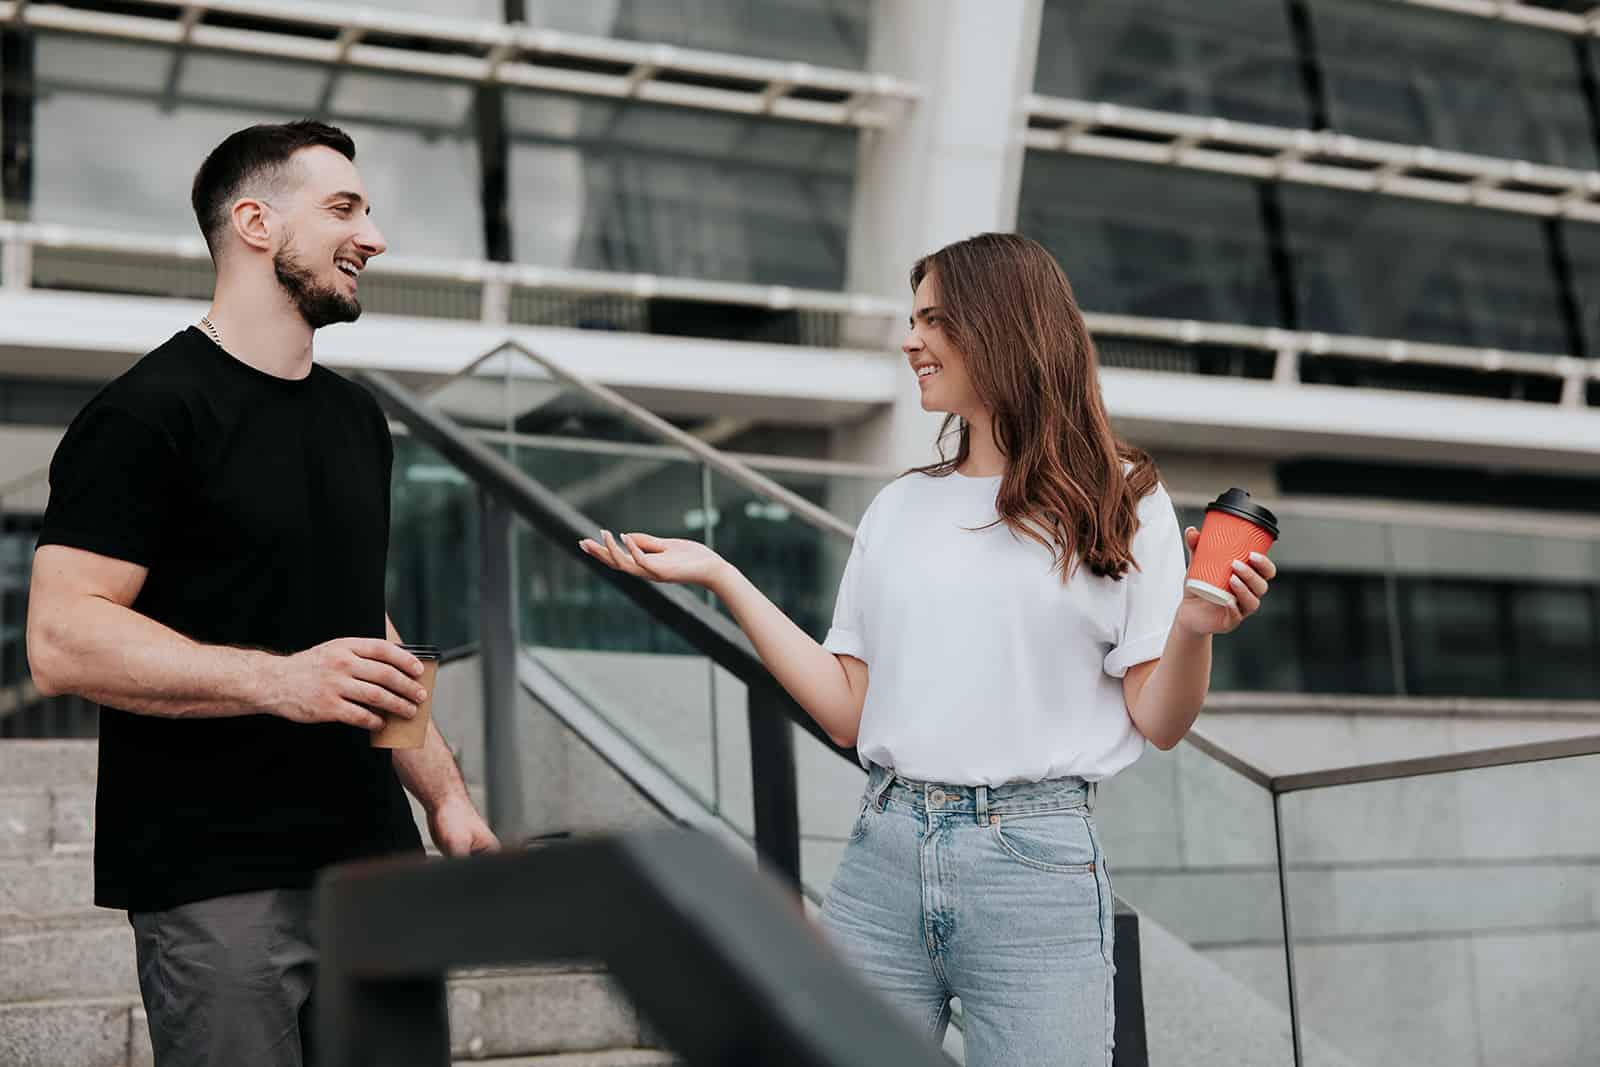 homme souriant et une femme parlant dans la rue et buvant du café